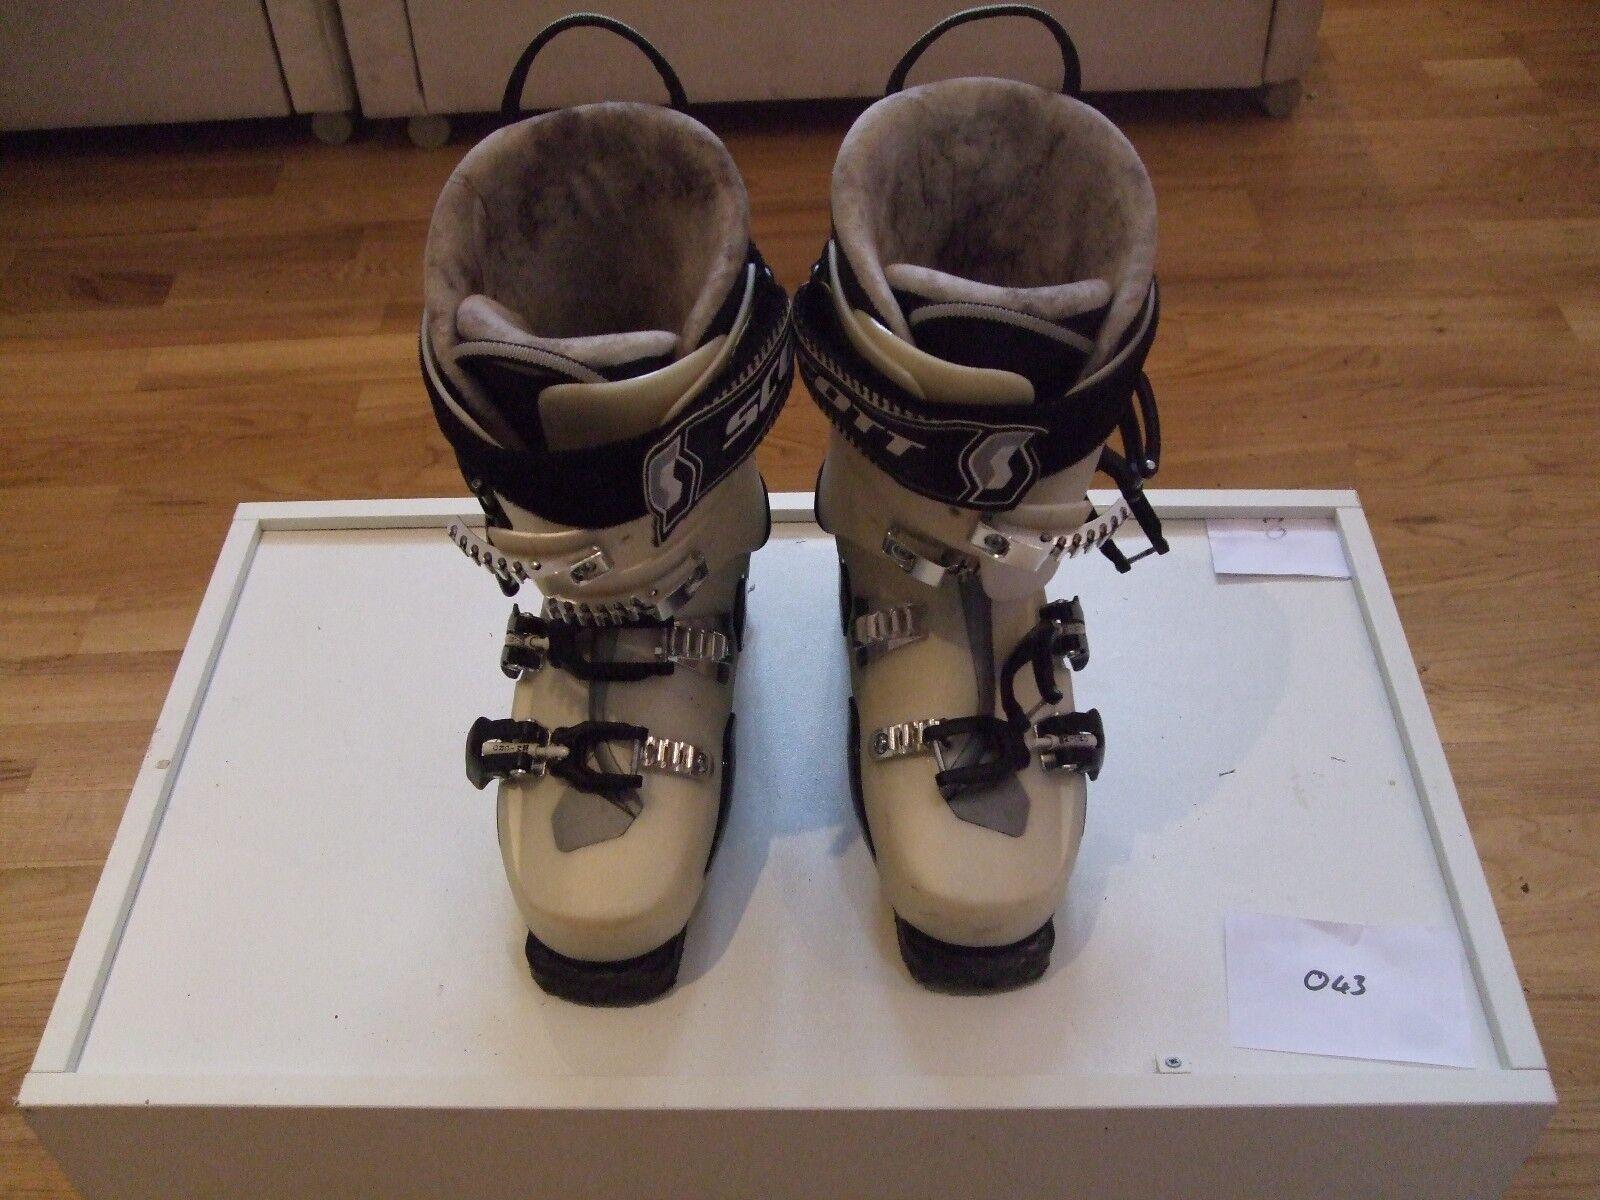 Scott Asylum FR120 Ski Boots (size 25.5)